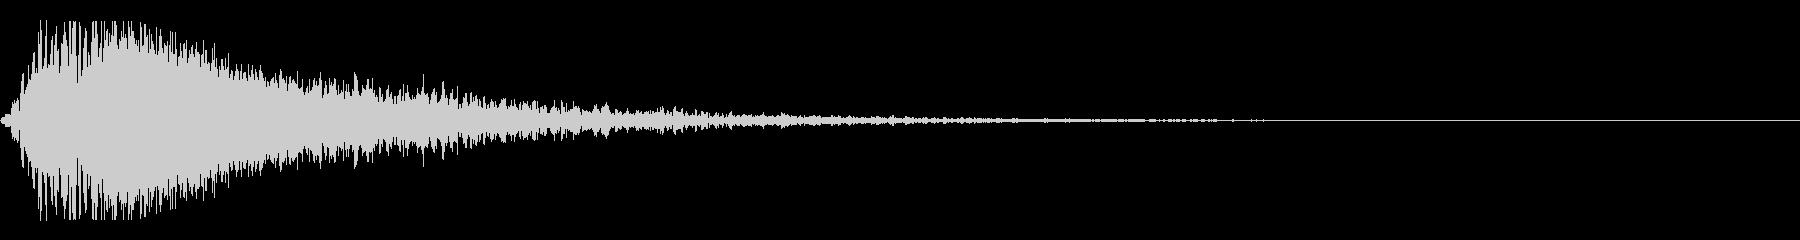 エイリアンプレゼンス:大型のテリト...の未再生の波形